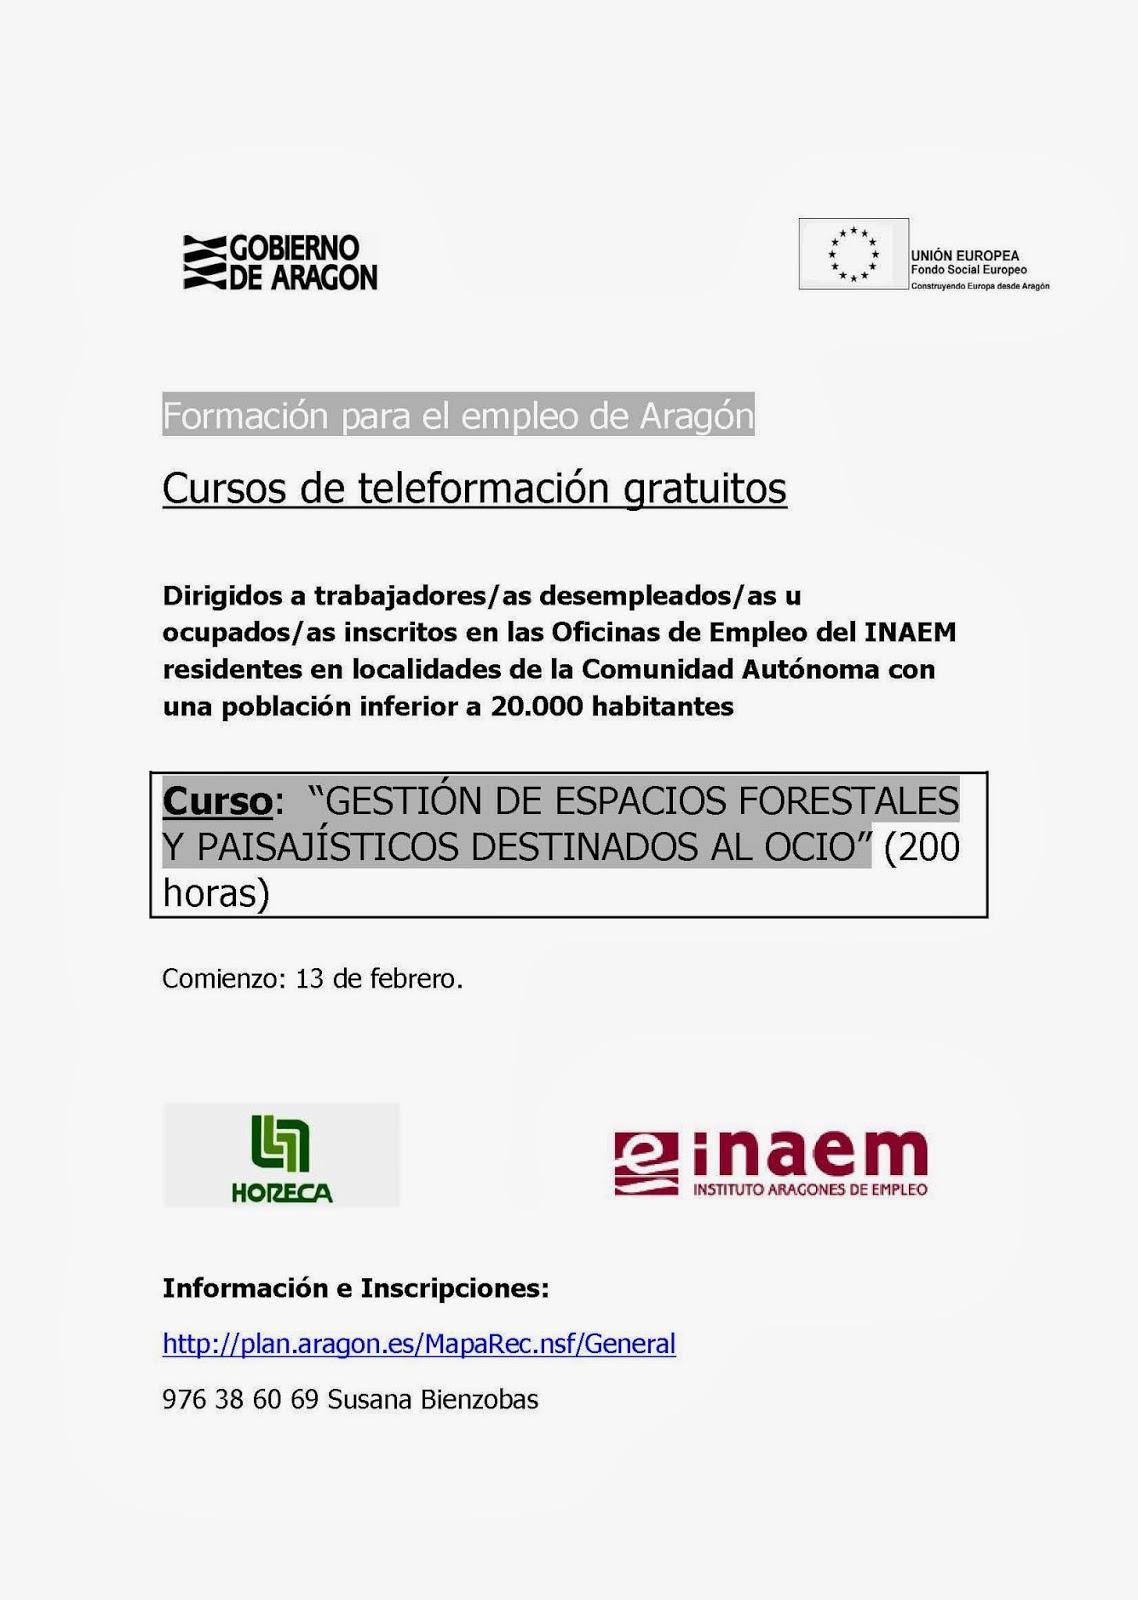 Desarrollo local y empleo en el bajo arag n hco curso - Gestion de espacios ...